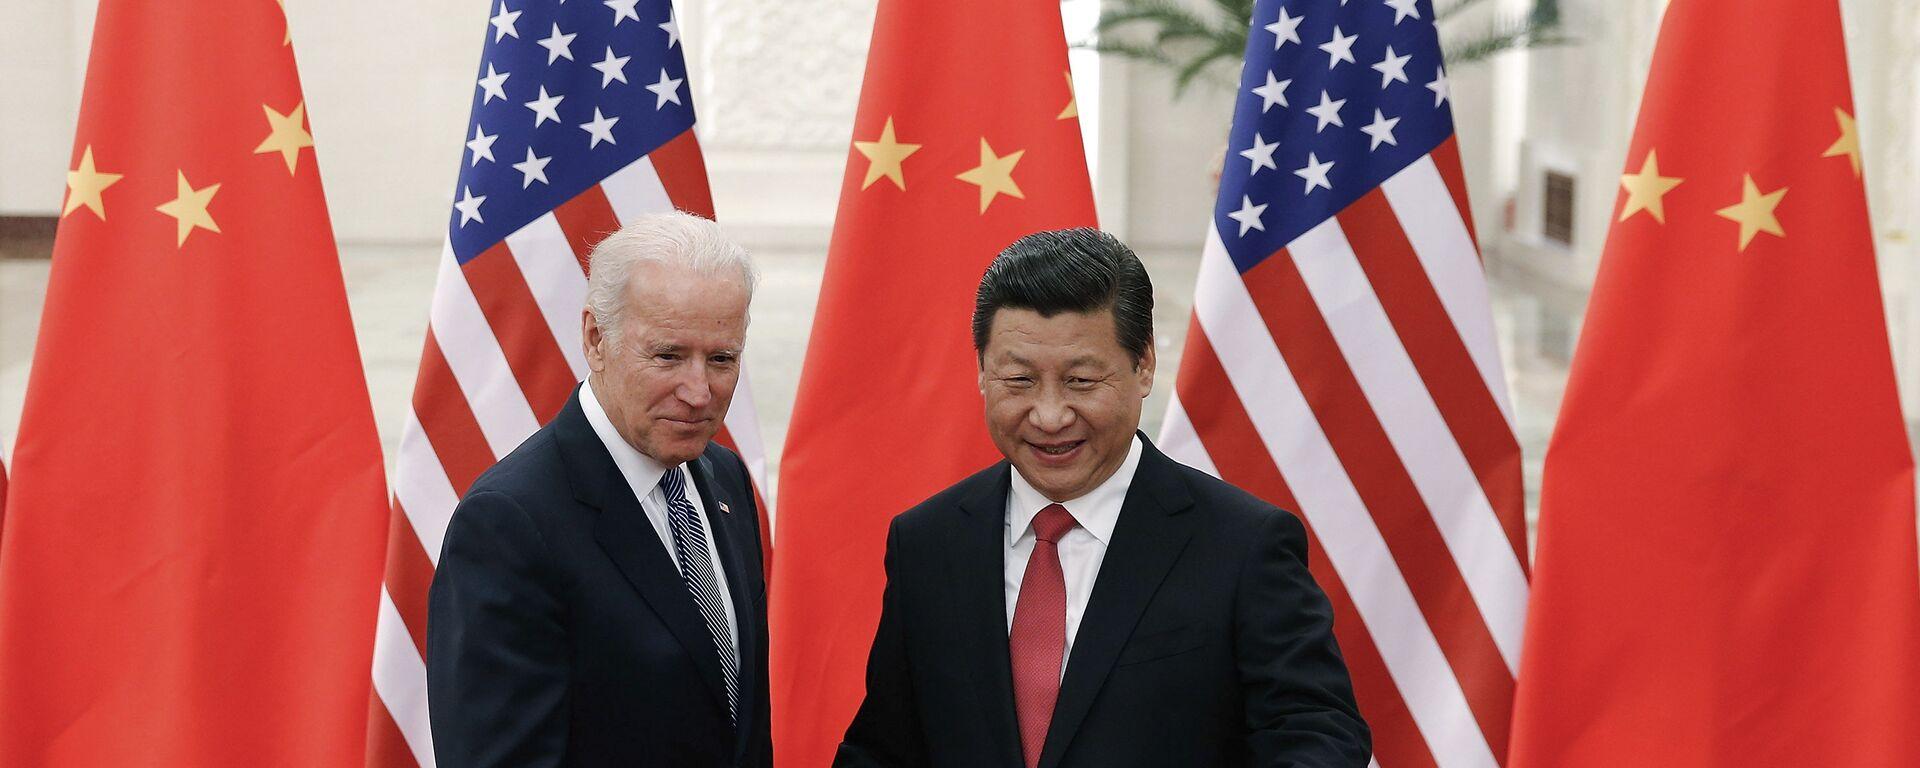 El presidente chino, Xi Jinping,  con el entonces vicepresidente de EEUU, Joe Biden, en Pekín, el 4 de diciembre de 2013. - Sputnik Mundo, 1920, 10.09.2021